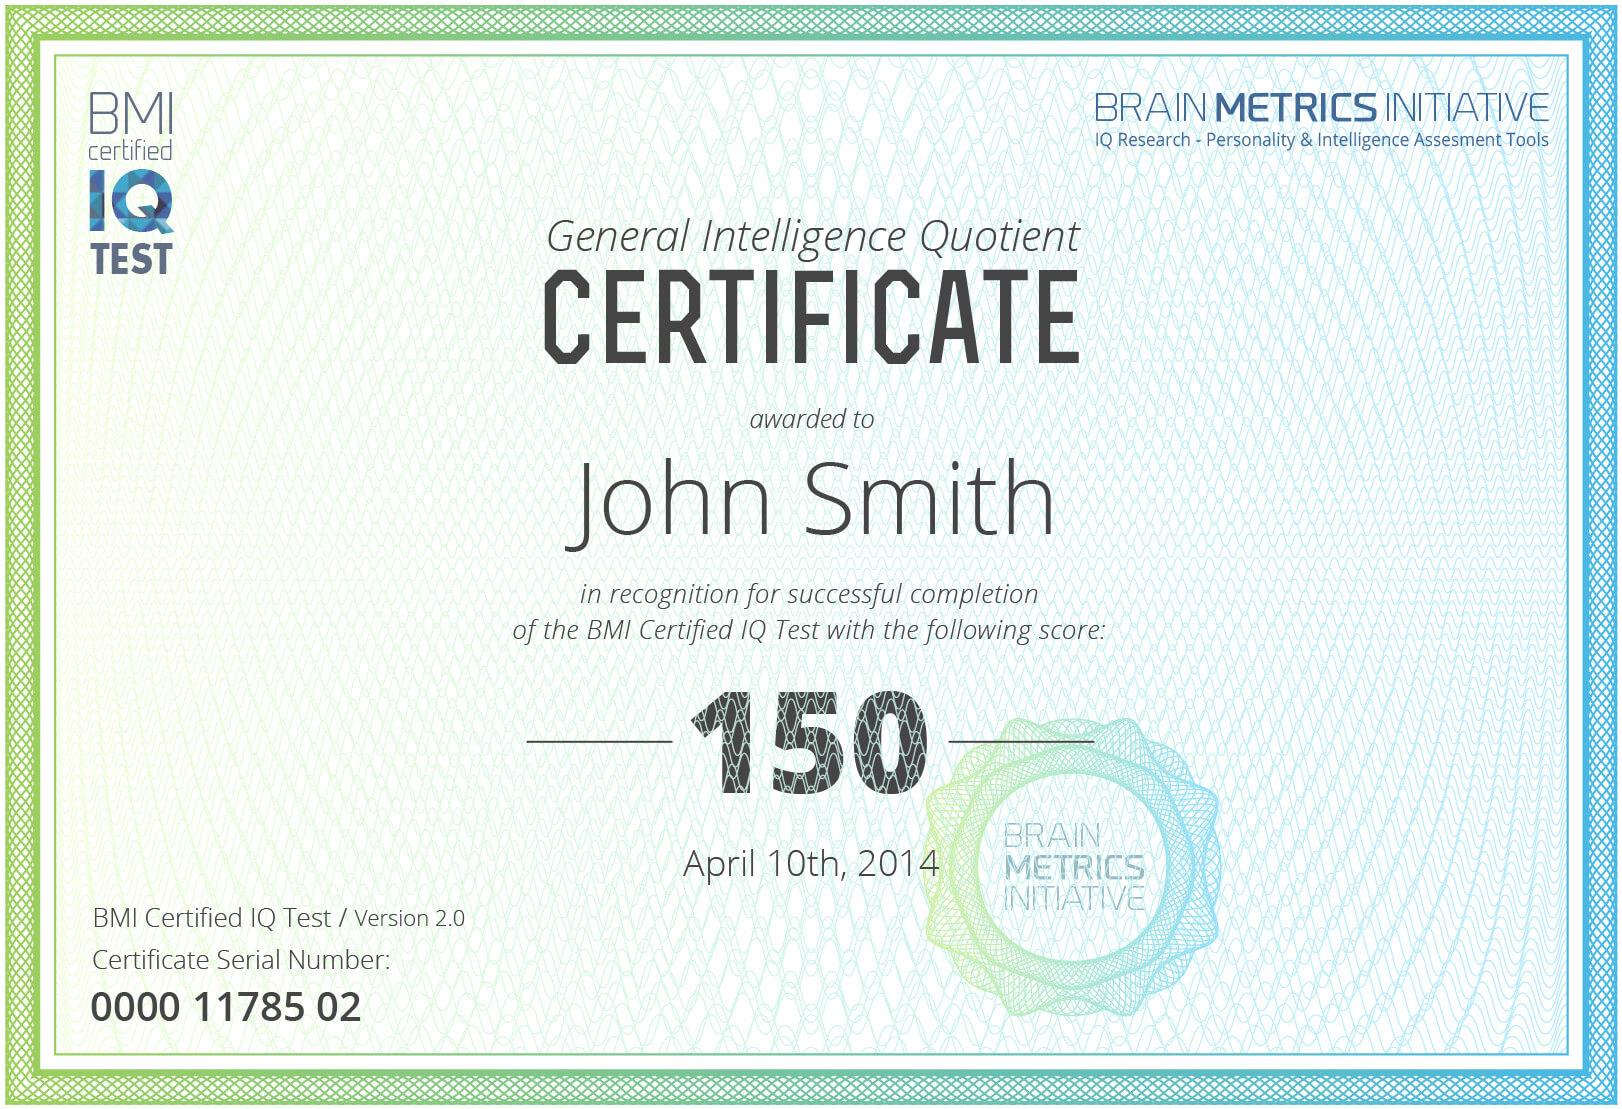 Bmi Certified Iq Test - Take The Most Accurate Online Iq Test! Regarding Iq Certificate Template